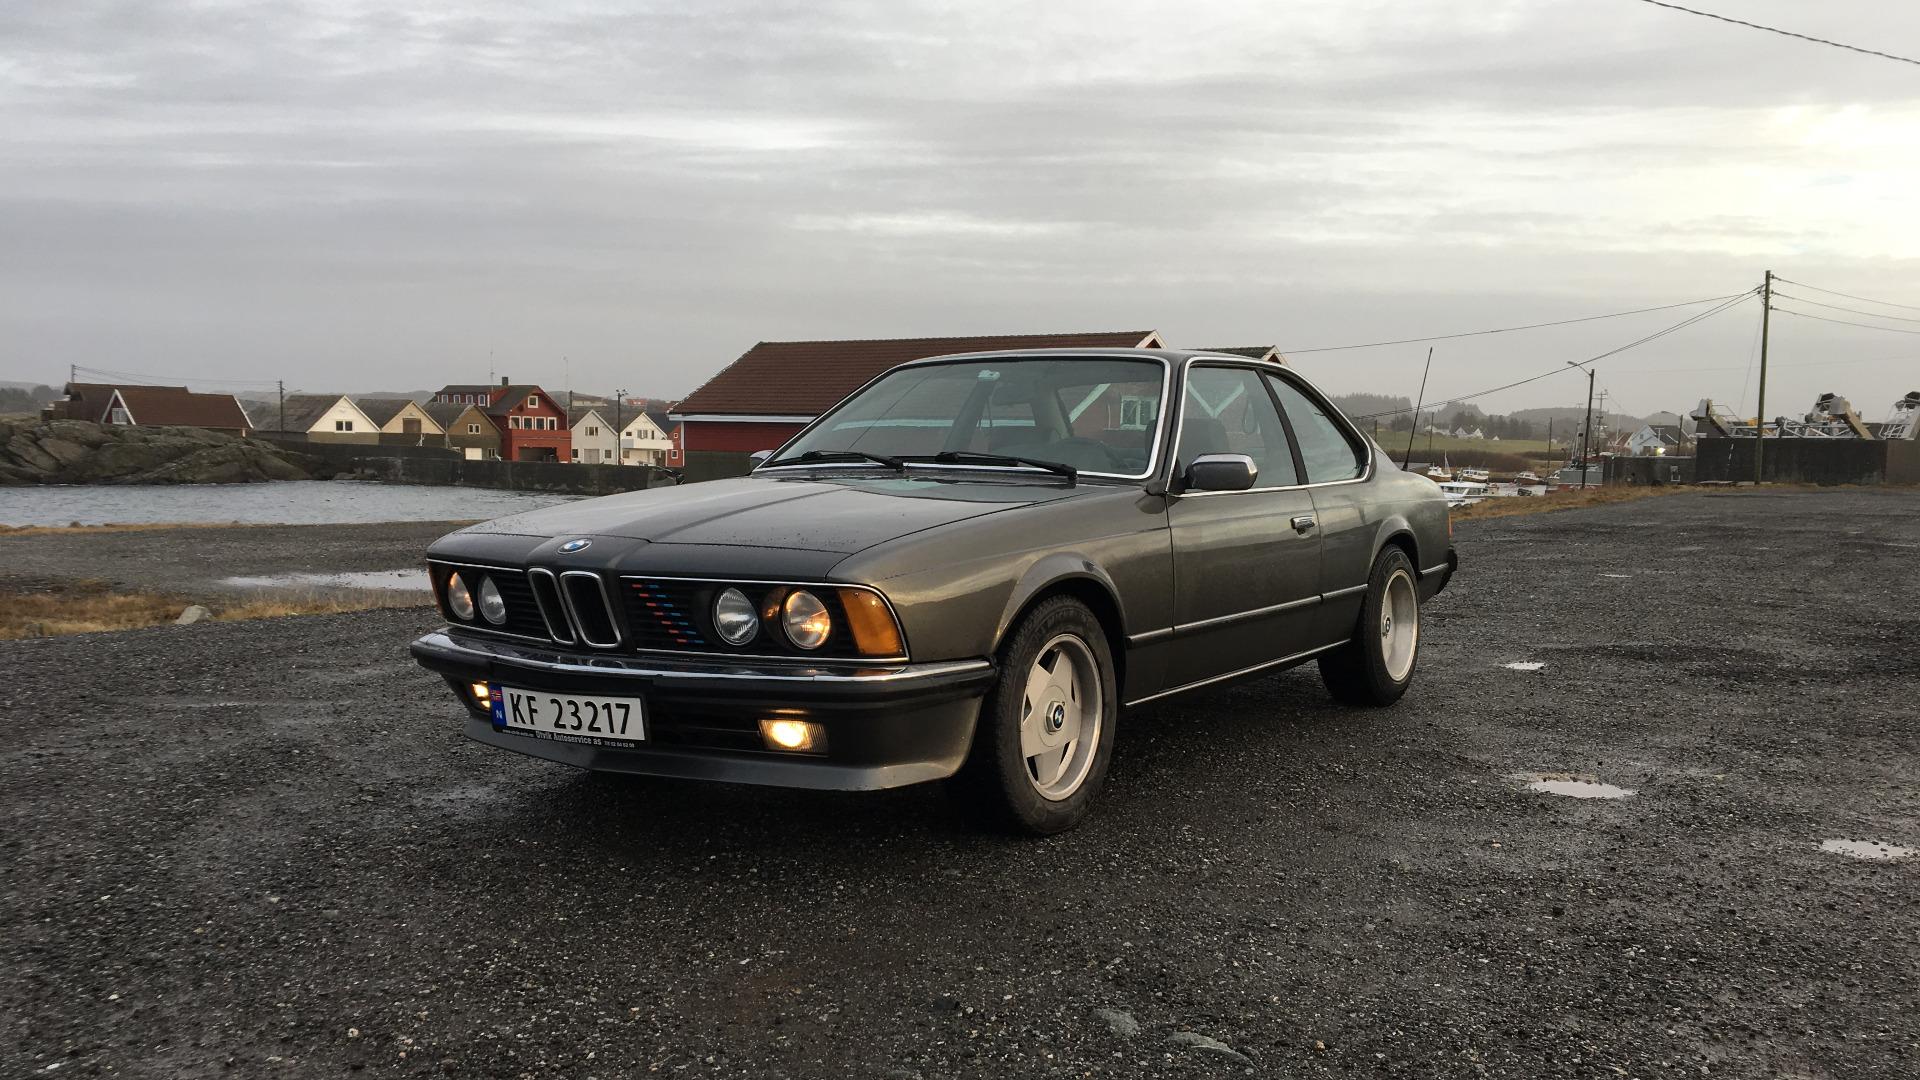 BMWen med de gamle felgene.